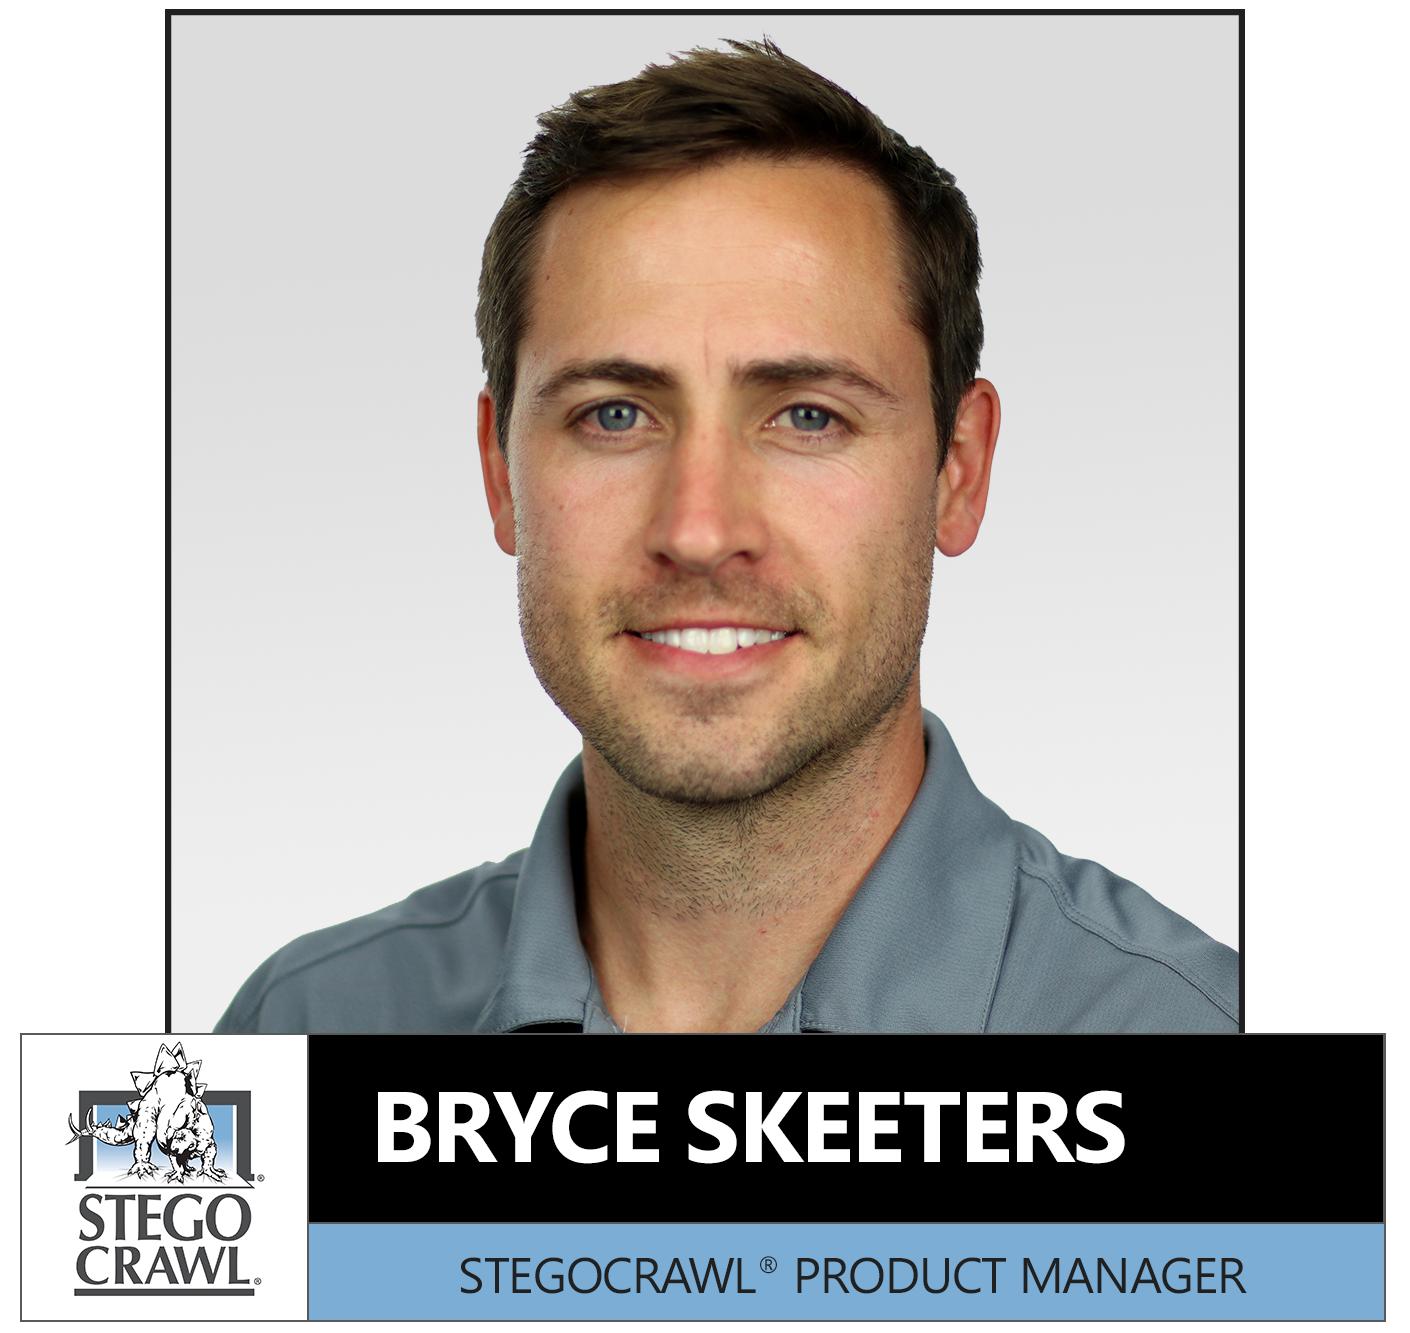 Bryce-Skeeters-Crawl-Space.png